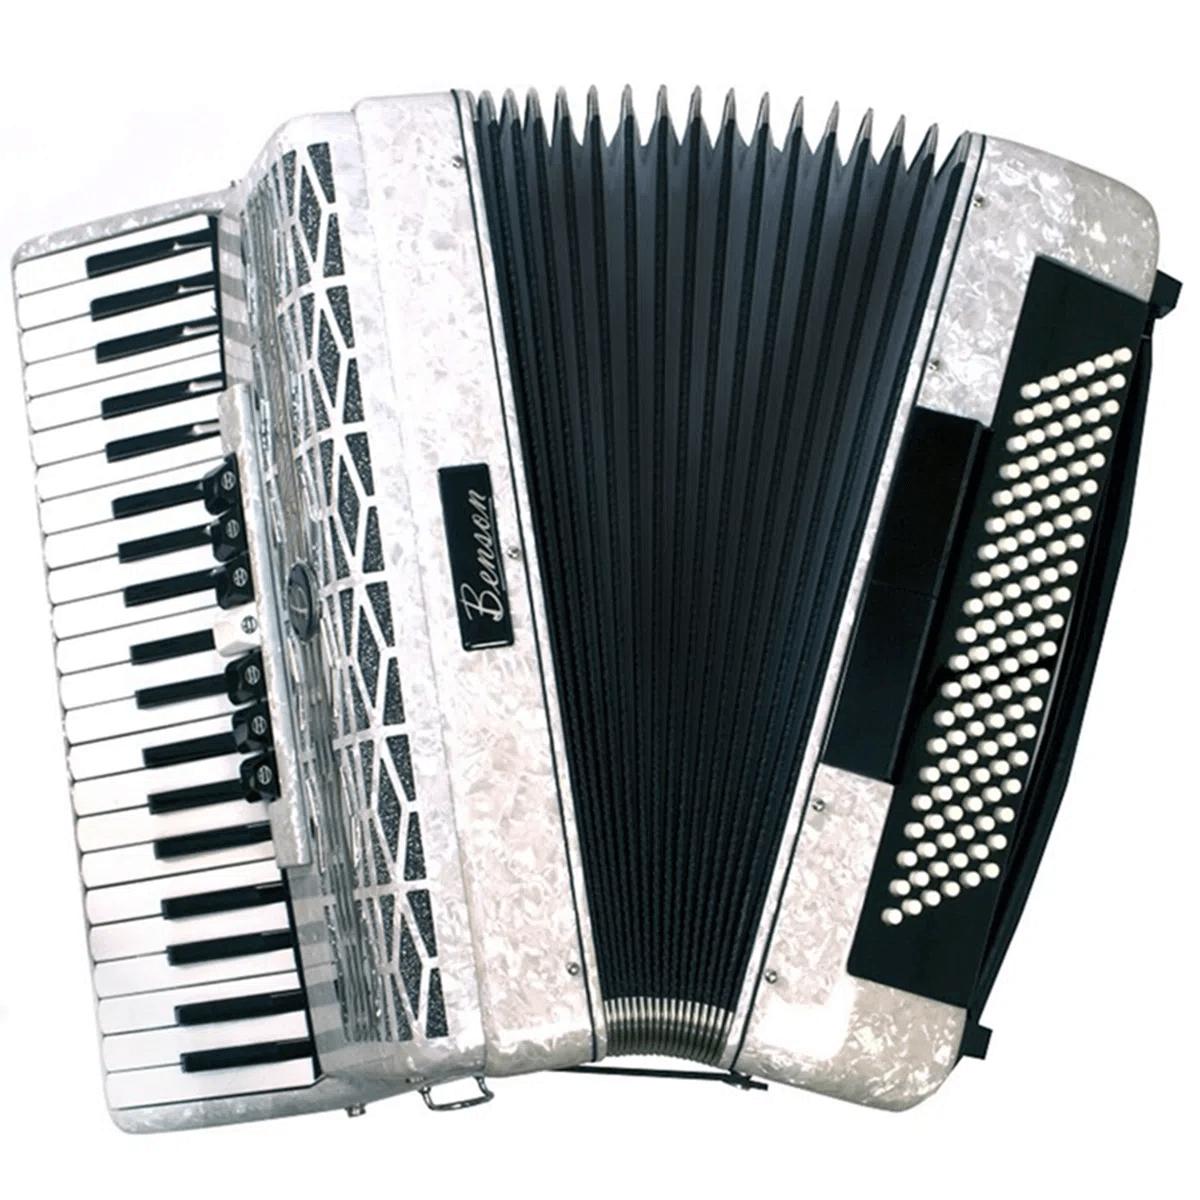 acordeon-de-120-baixos-bac120-7pwh-benson-1